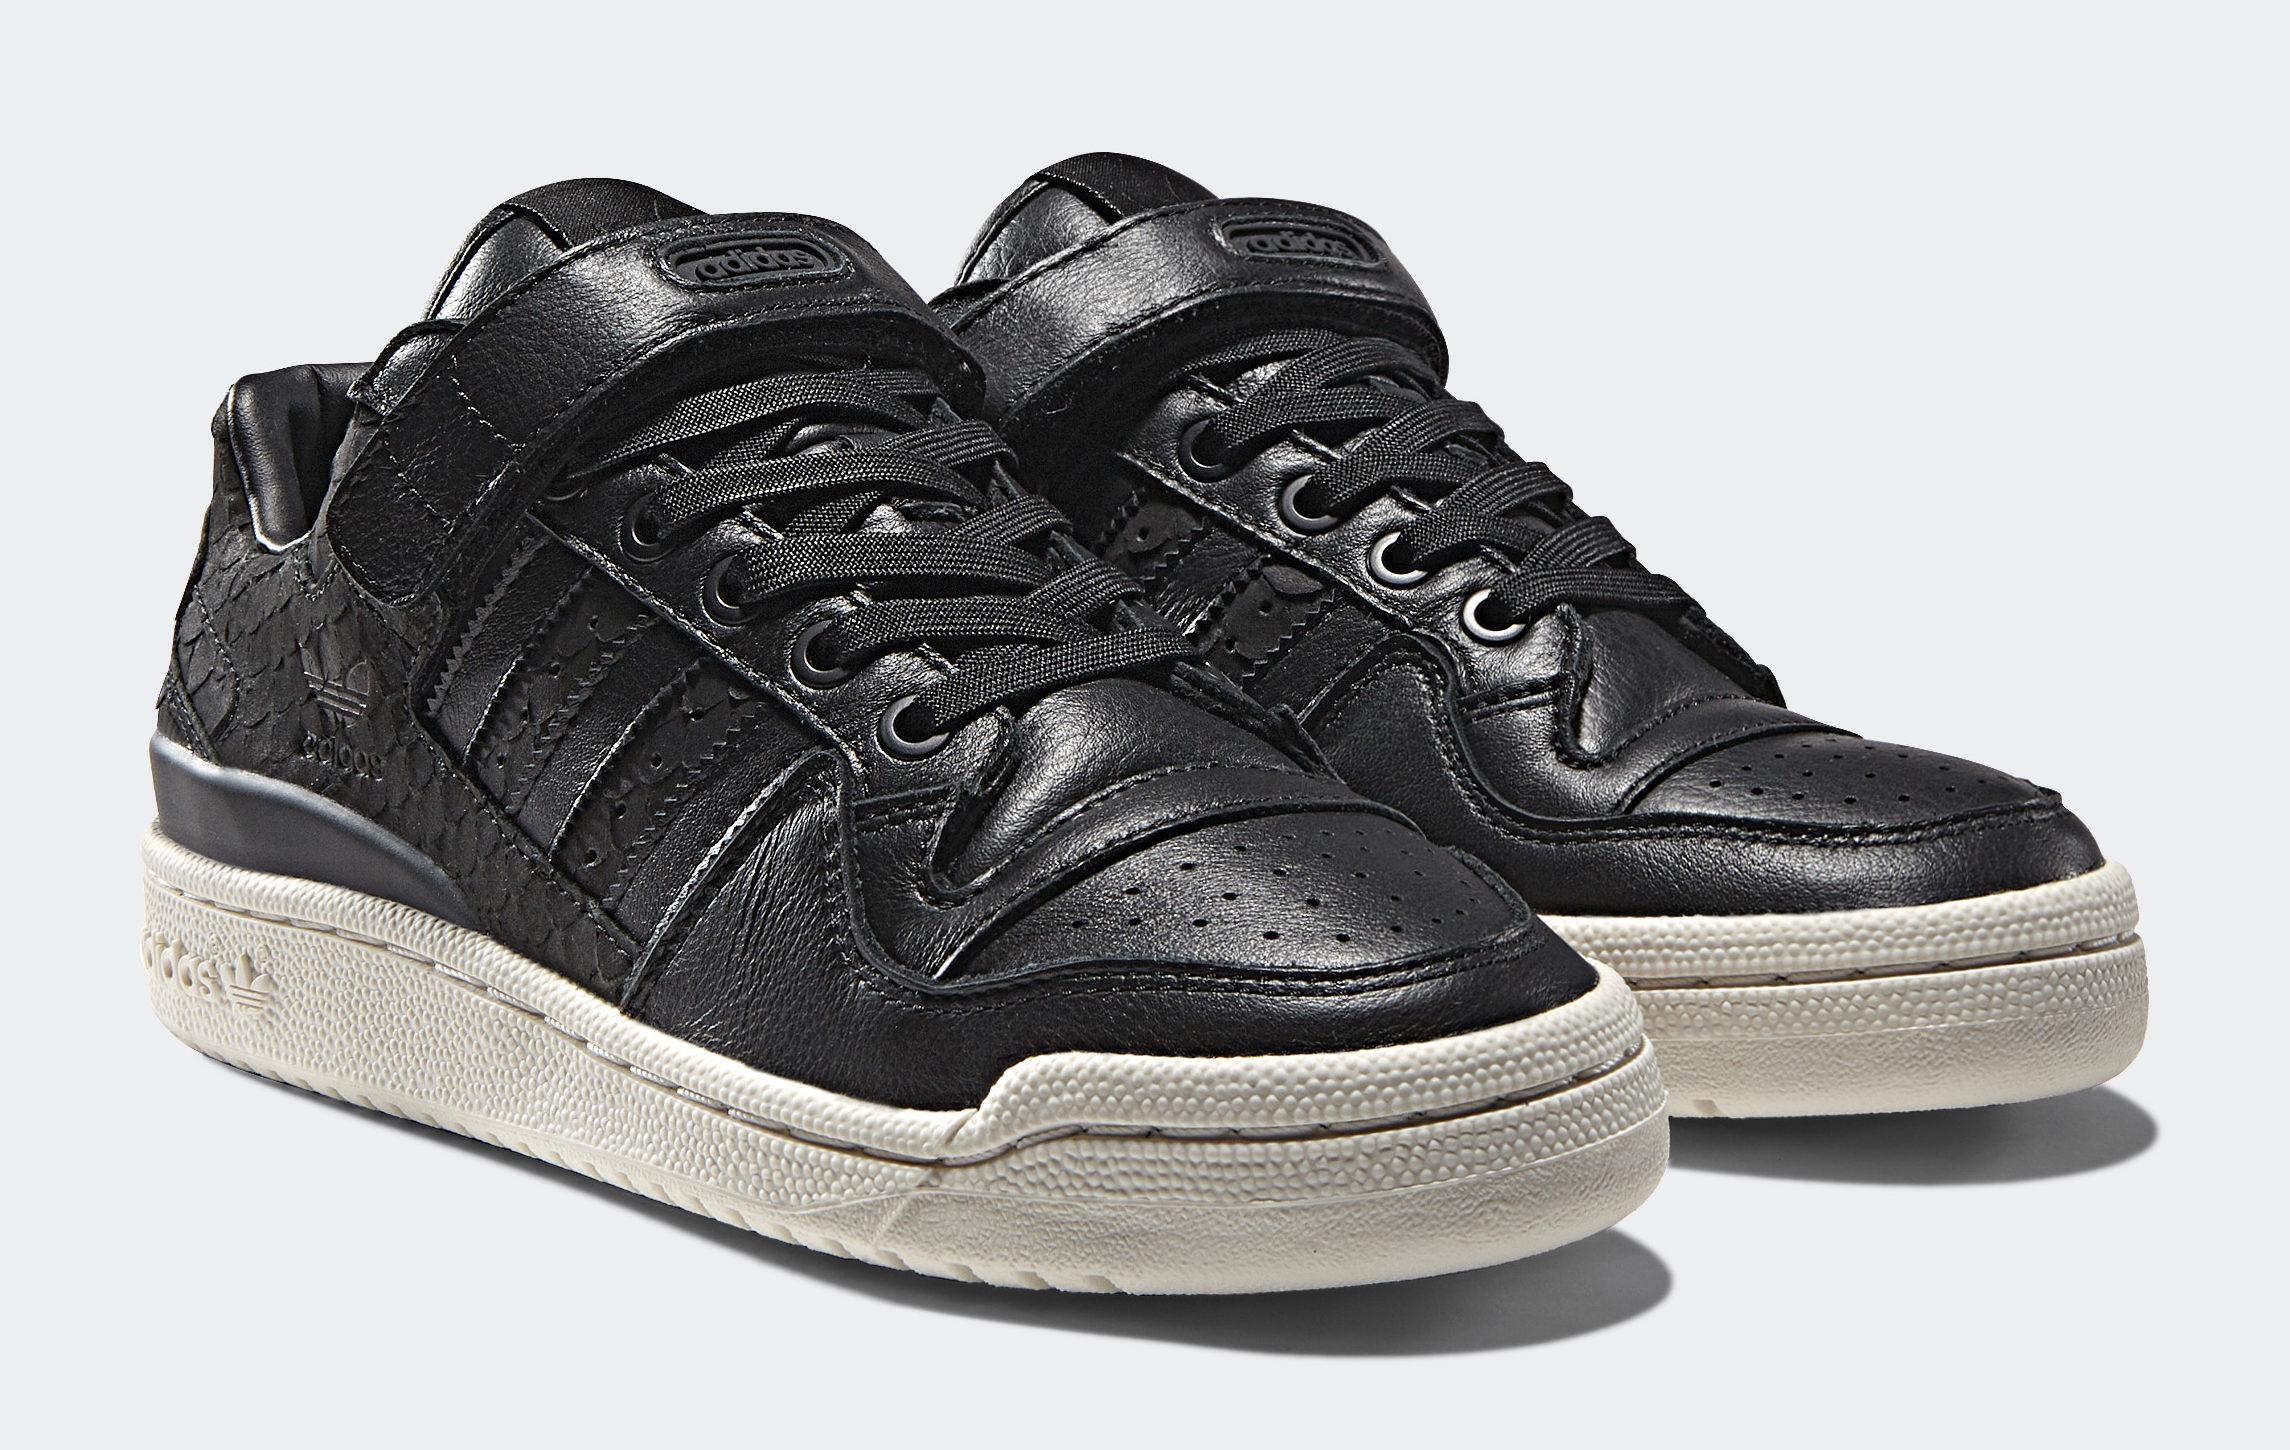 Adidas trae el Foro lo en 2018 Nice kicks